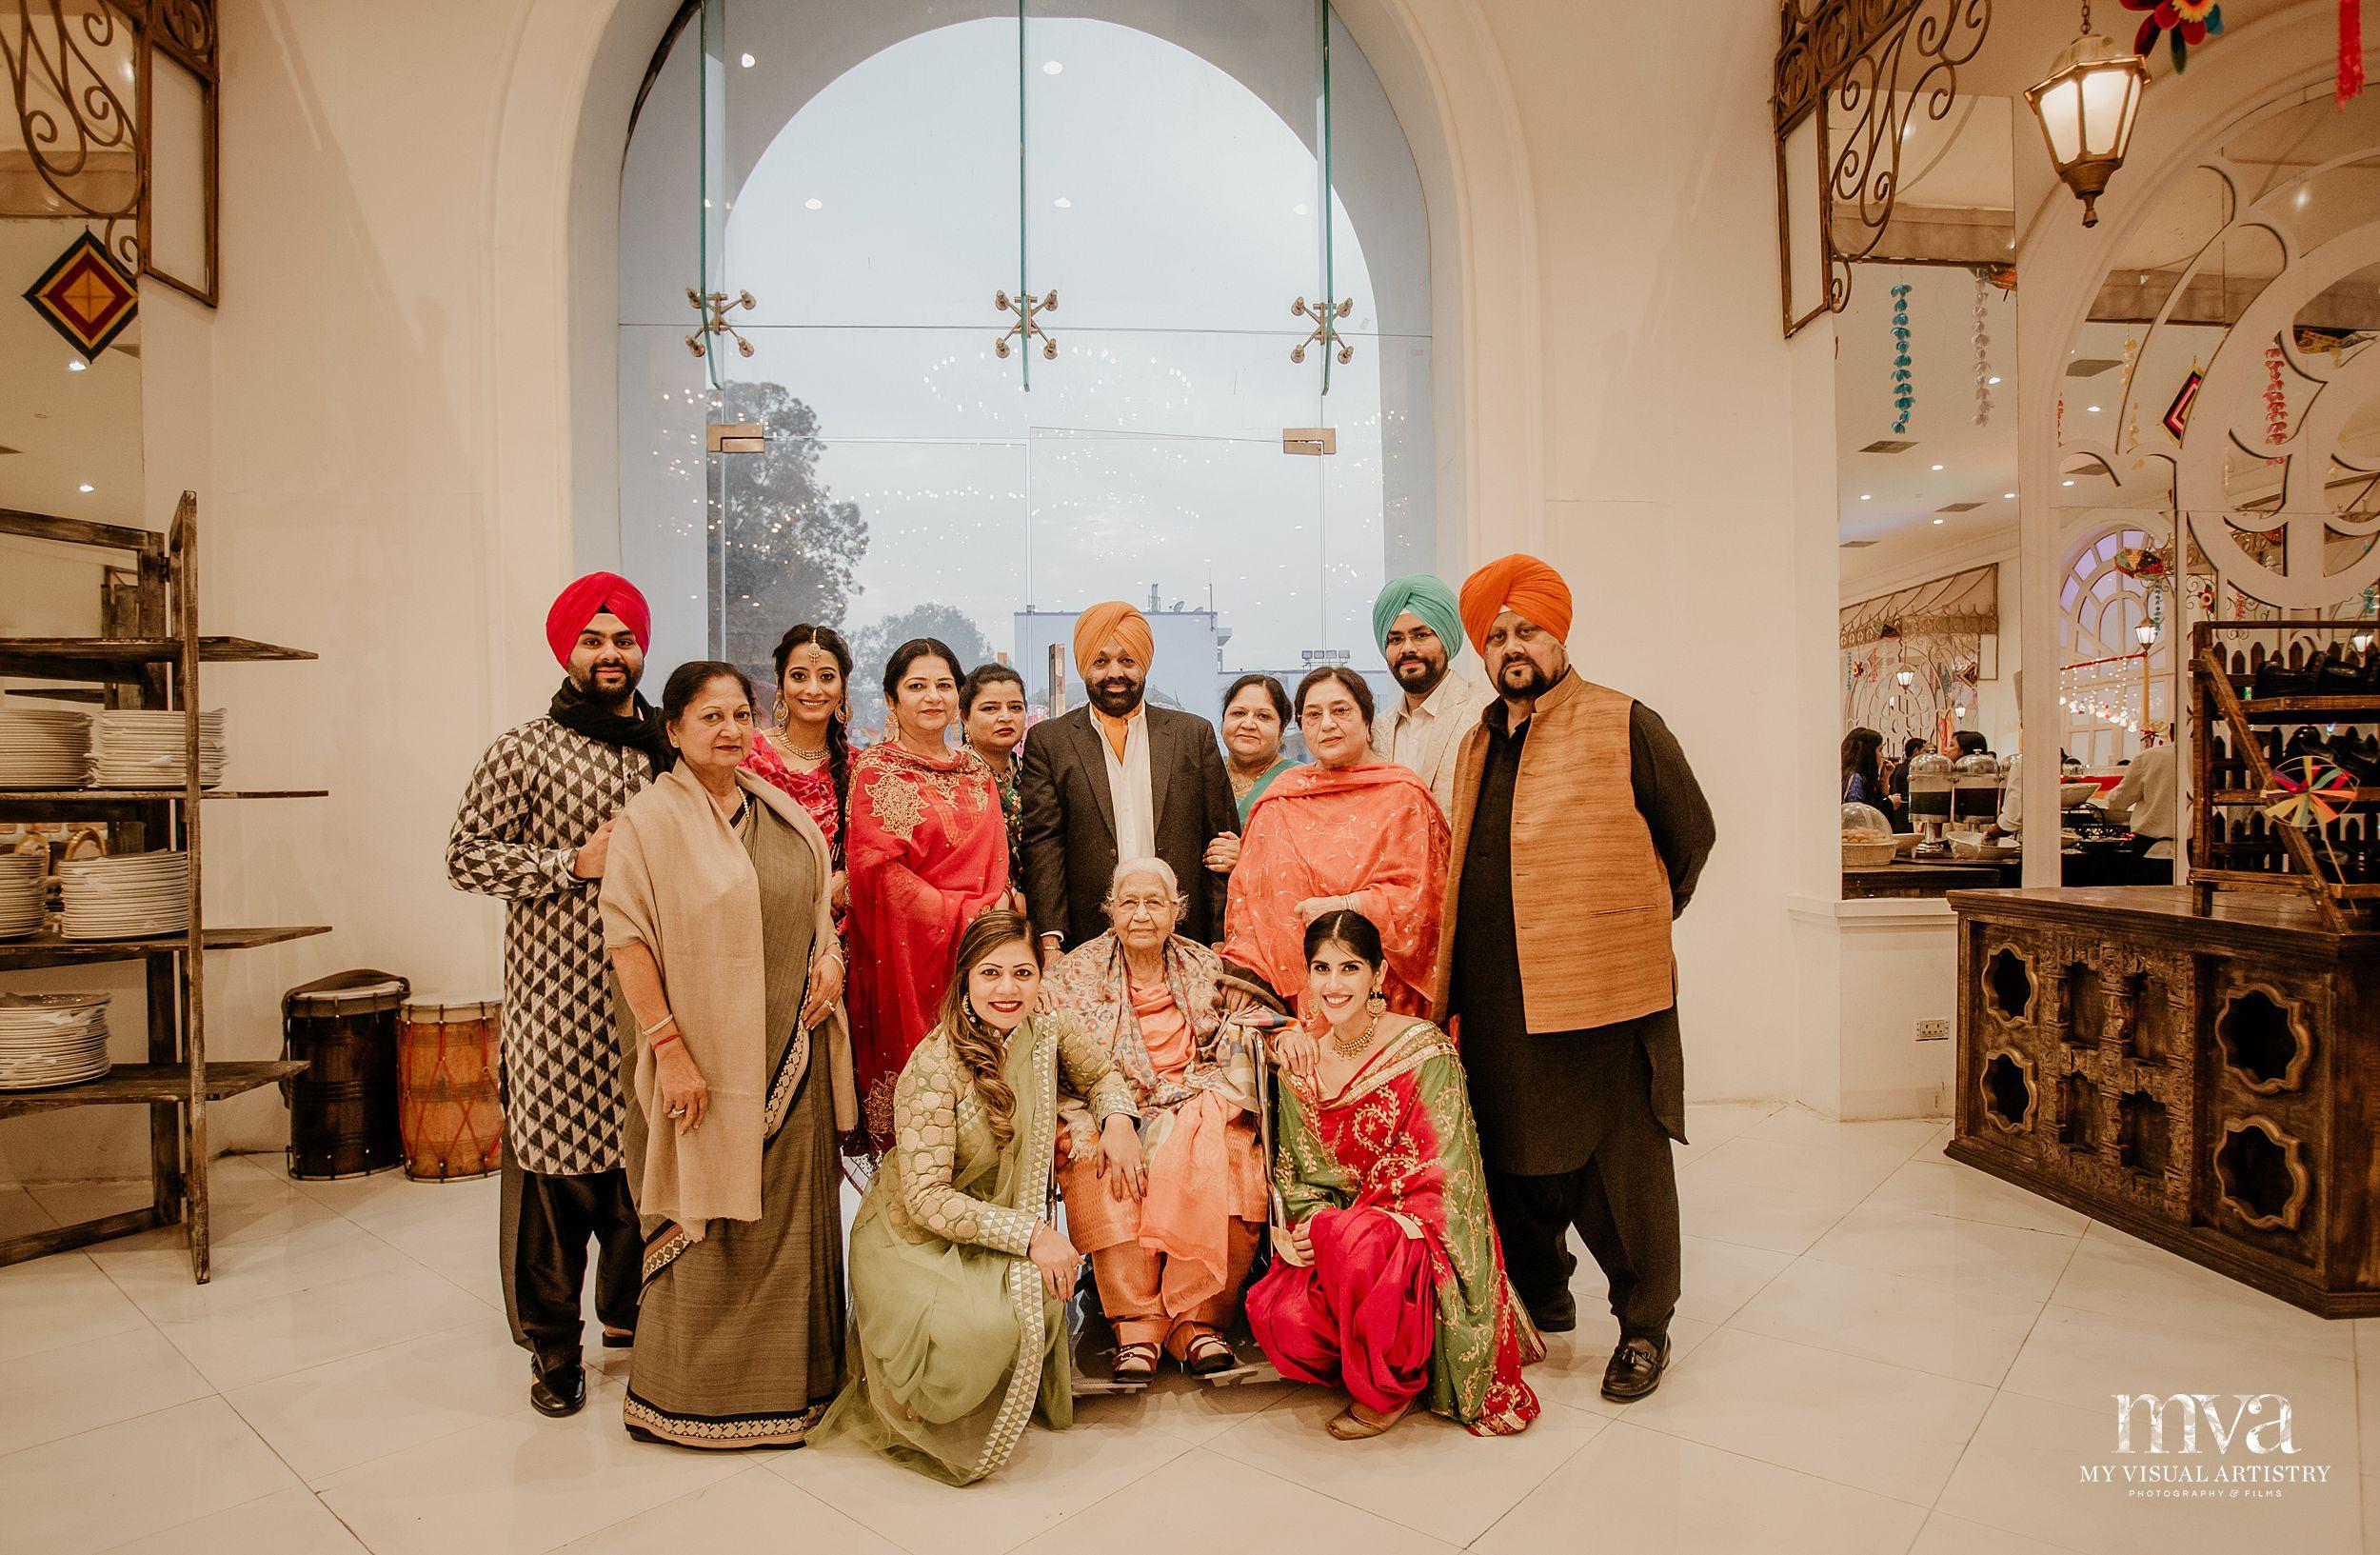 anant_arundhati_myvisualartistry_mva_wedding_sikh_ - 077.jpg